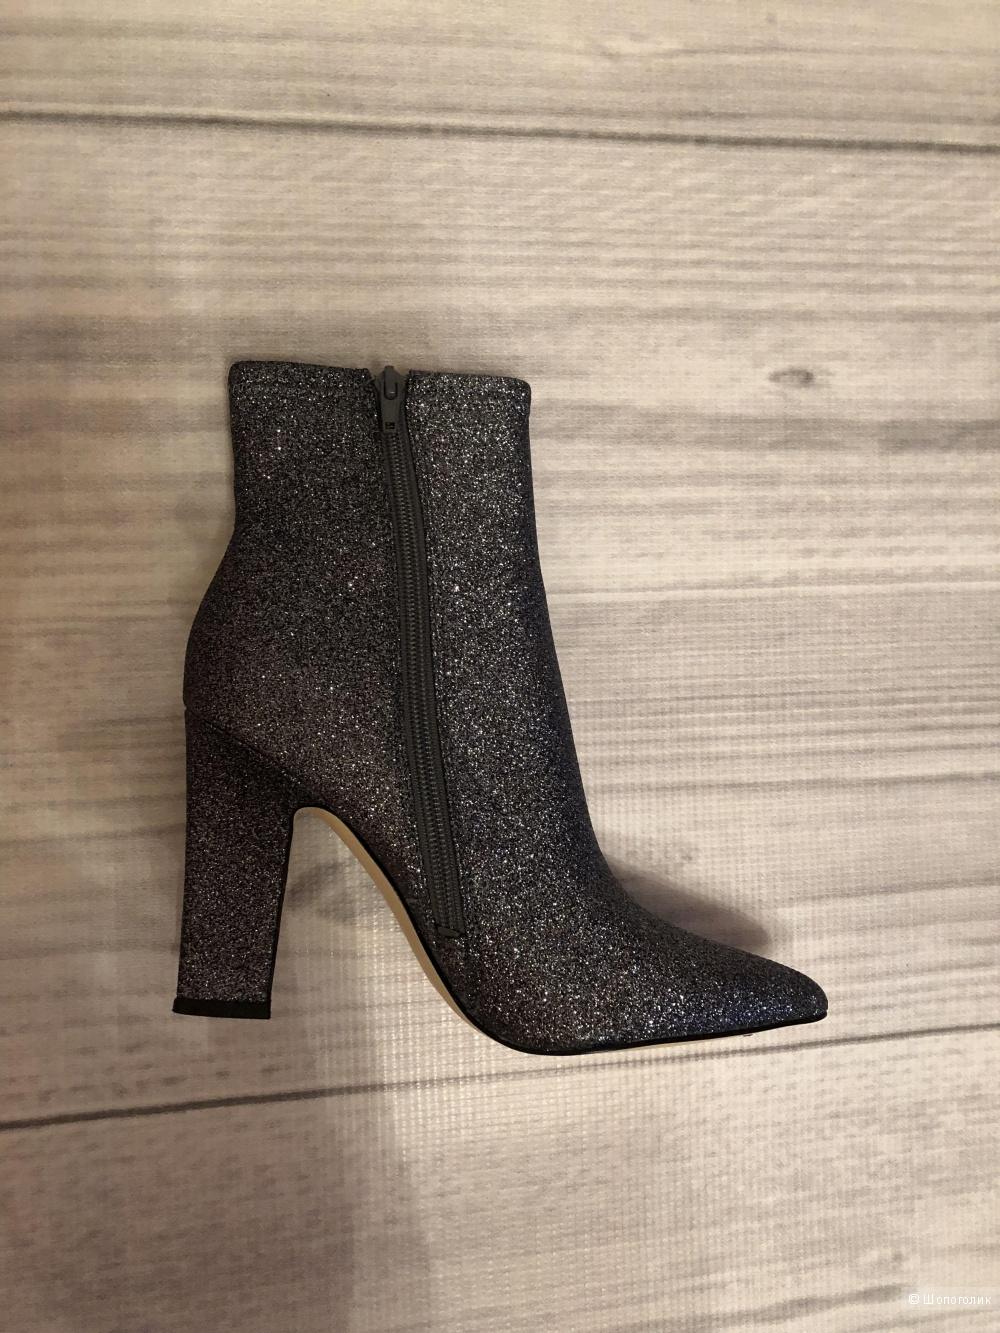 Ботинки Guess размер 37,5-38